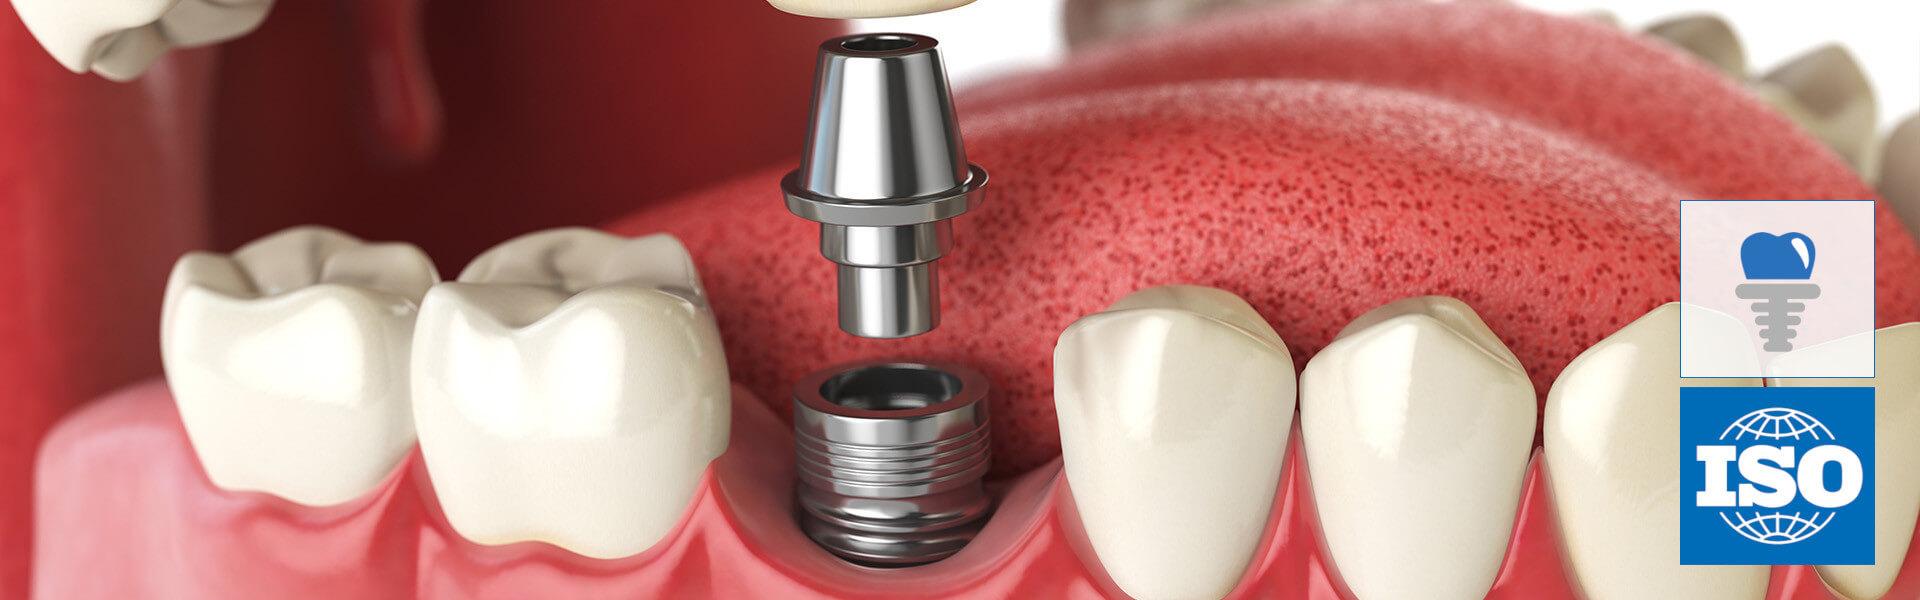 implantáty a chirurgické prvky